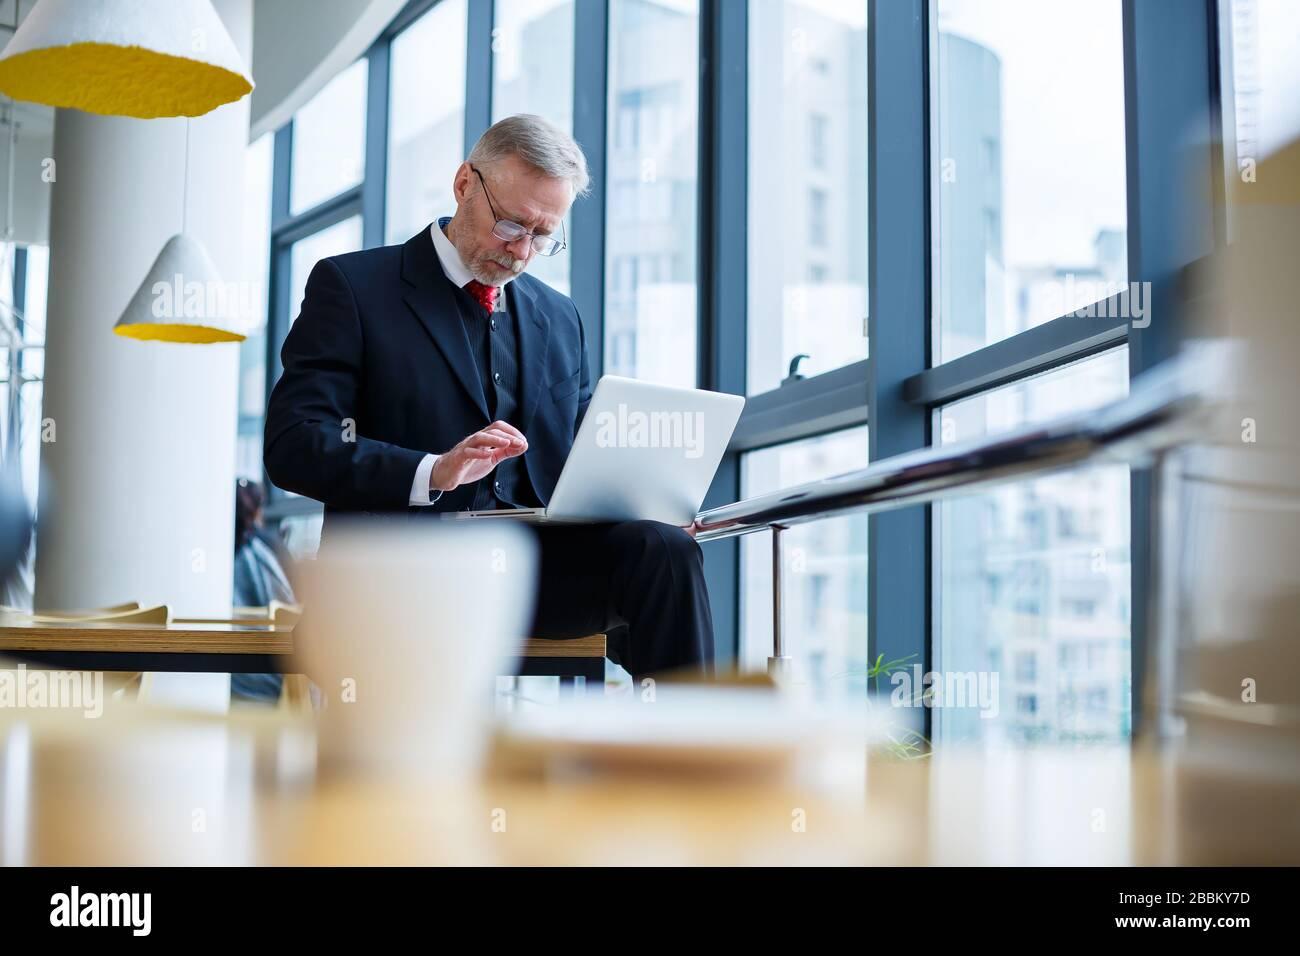 Sorridendo felice direttore di gestione pensa al suo successo di carriera sviluppo, mentre in piedi con un notebook nel suo ufficio vicino allo sfondo di una vittoria Foto Stock